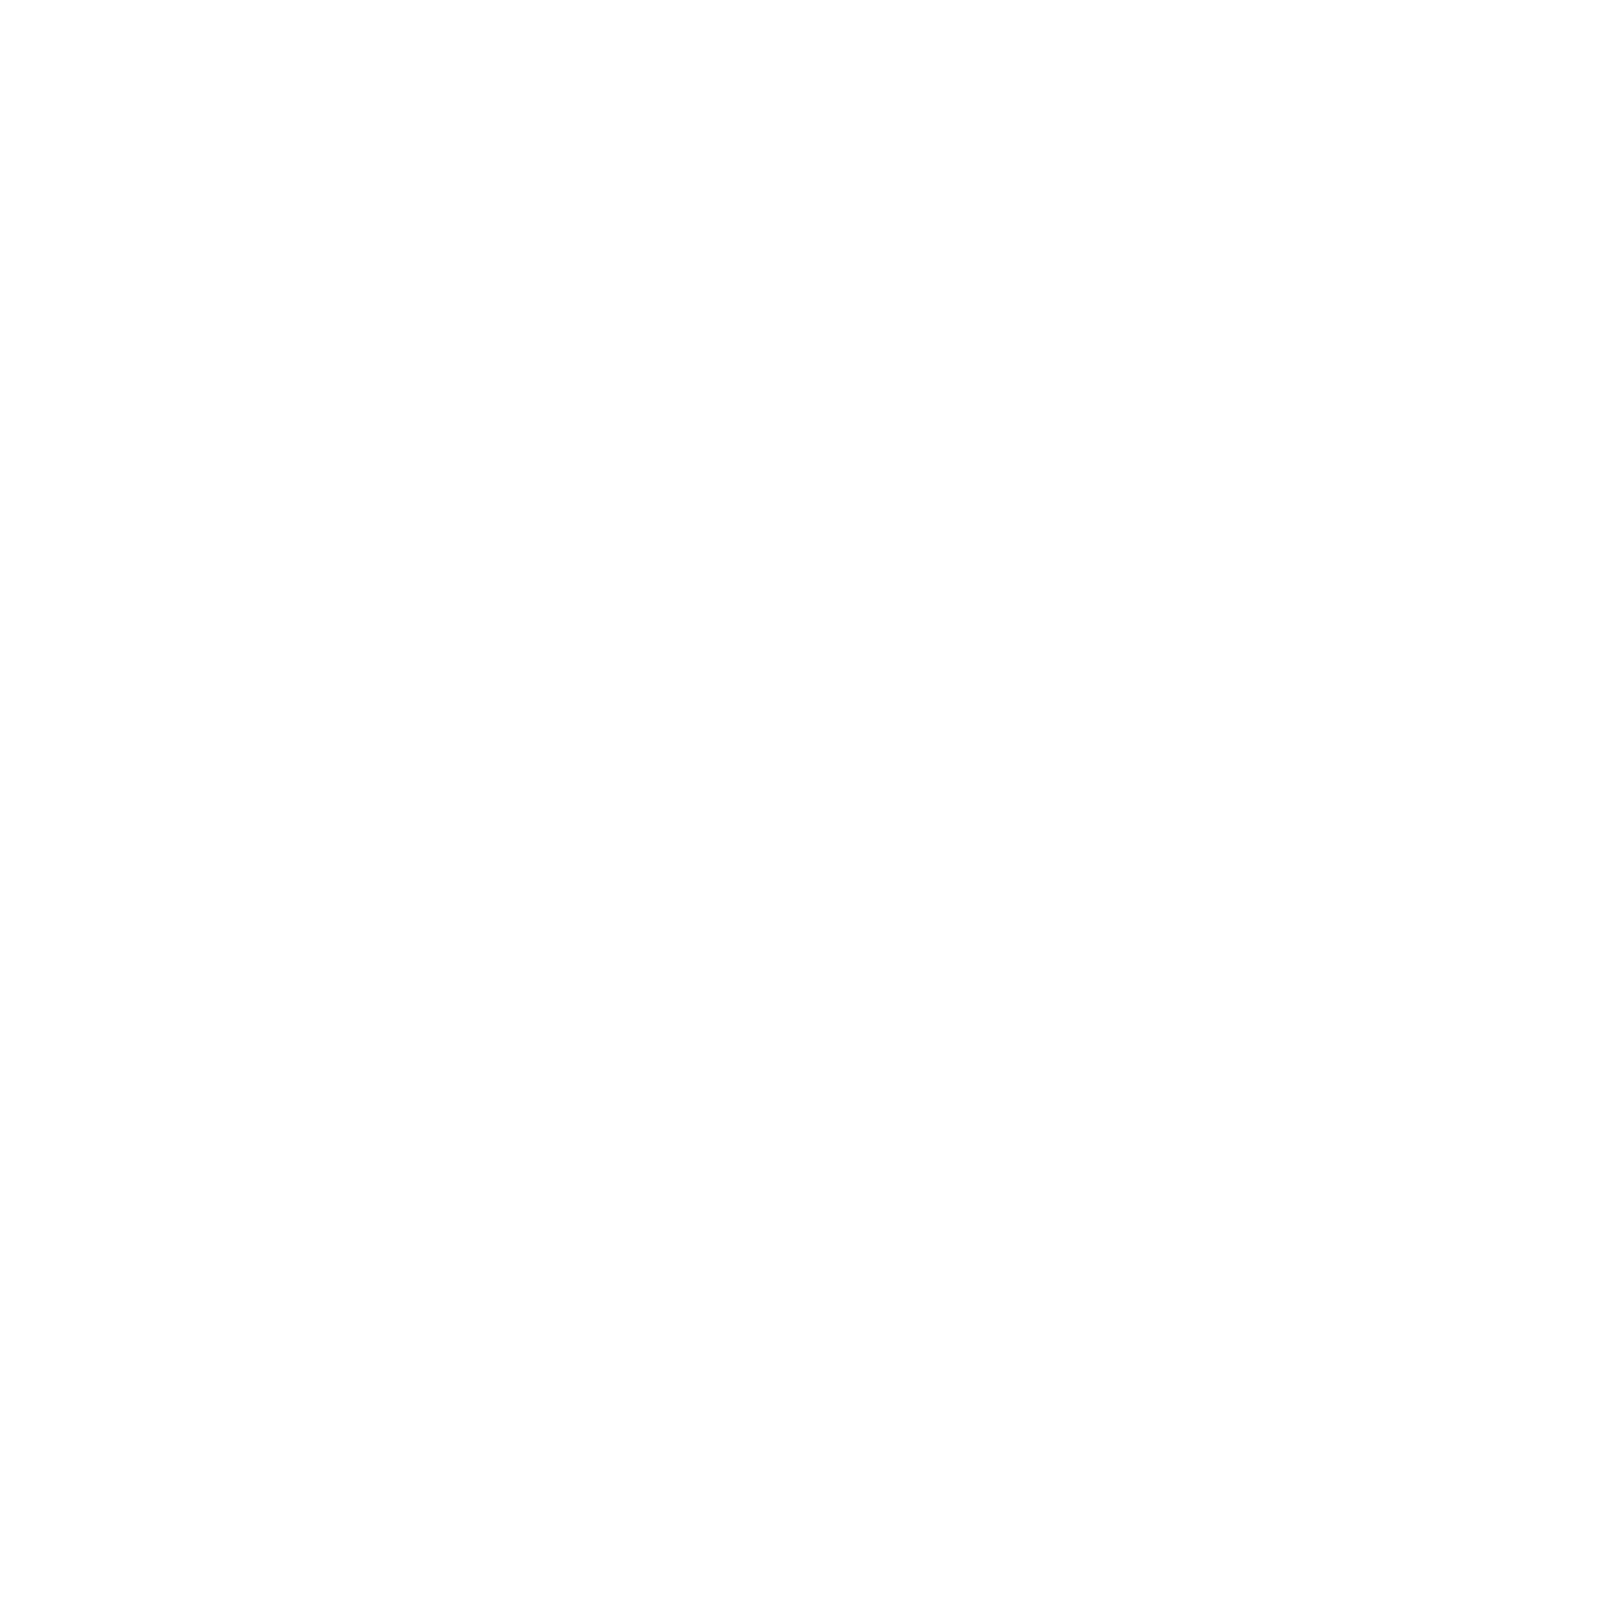 BCSArtboard 1 copy 2Partner Logos.png